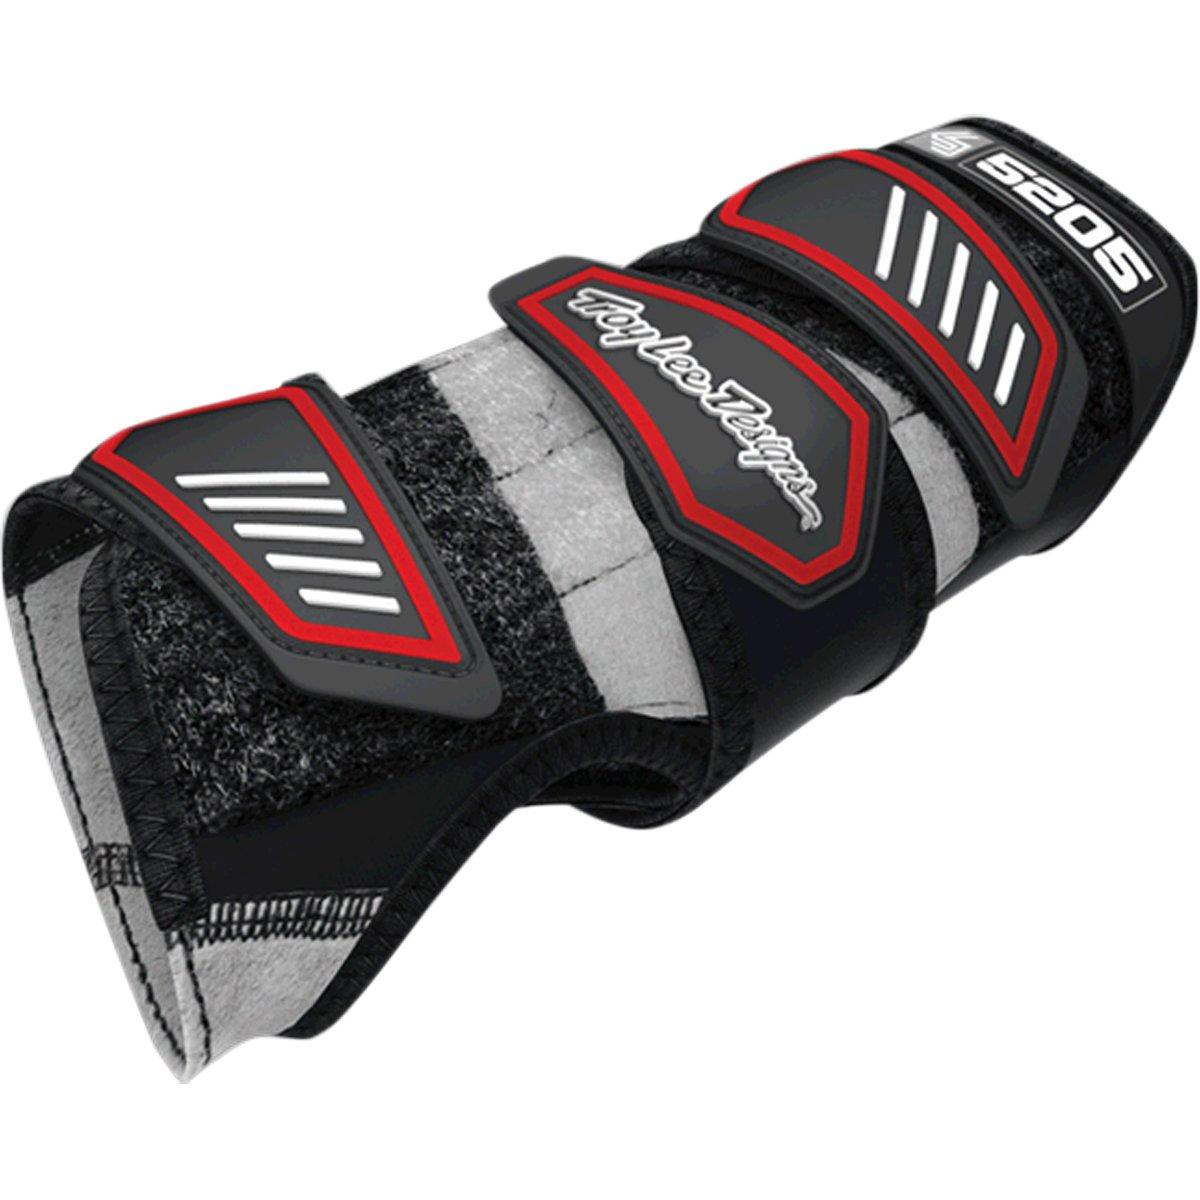 Troy Lee Designs WS 5205 Wrist Support Black, L/Left